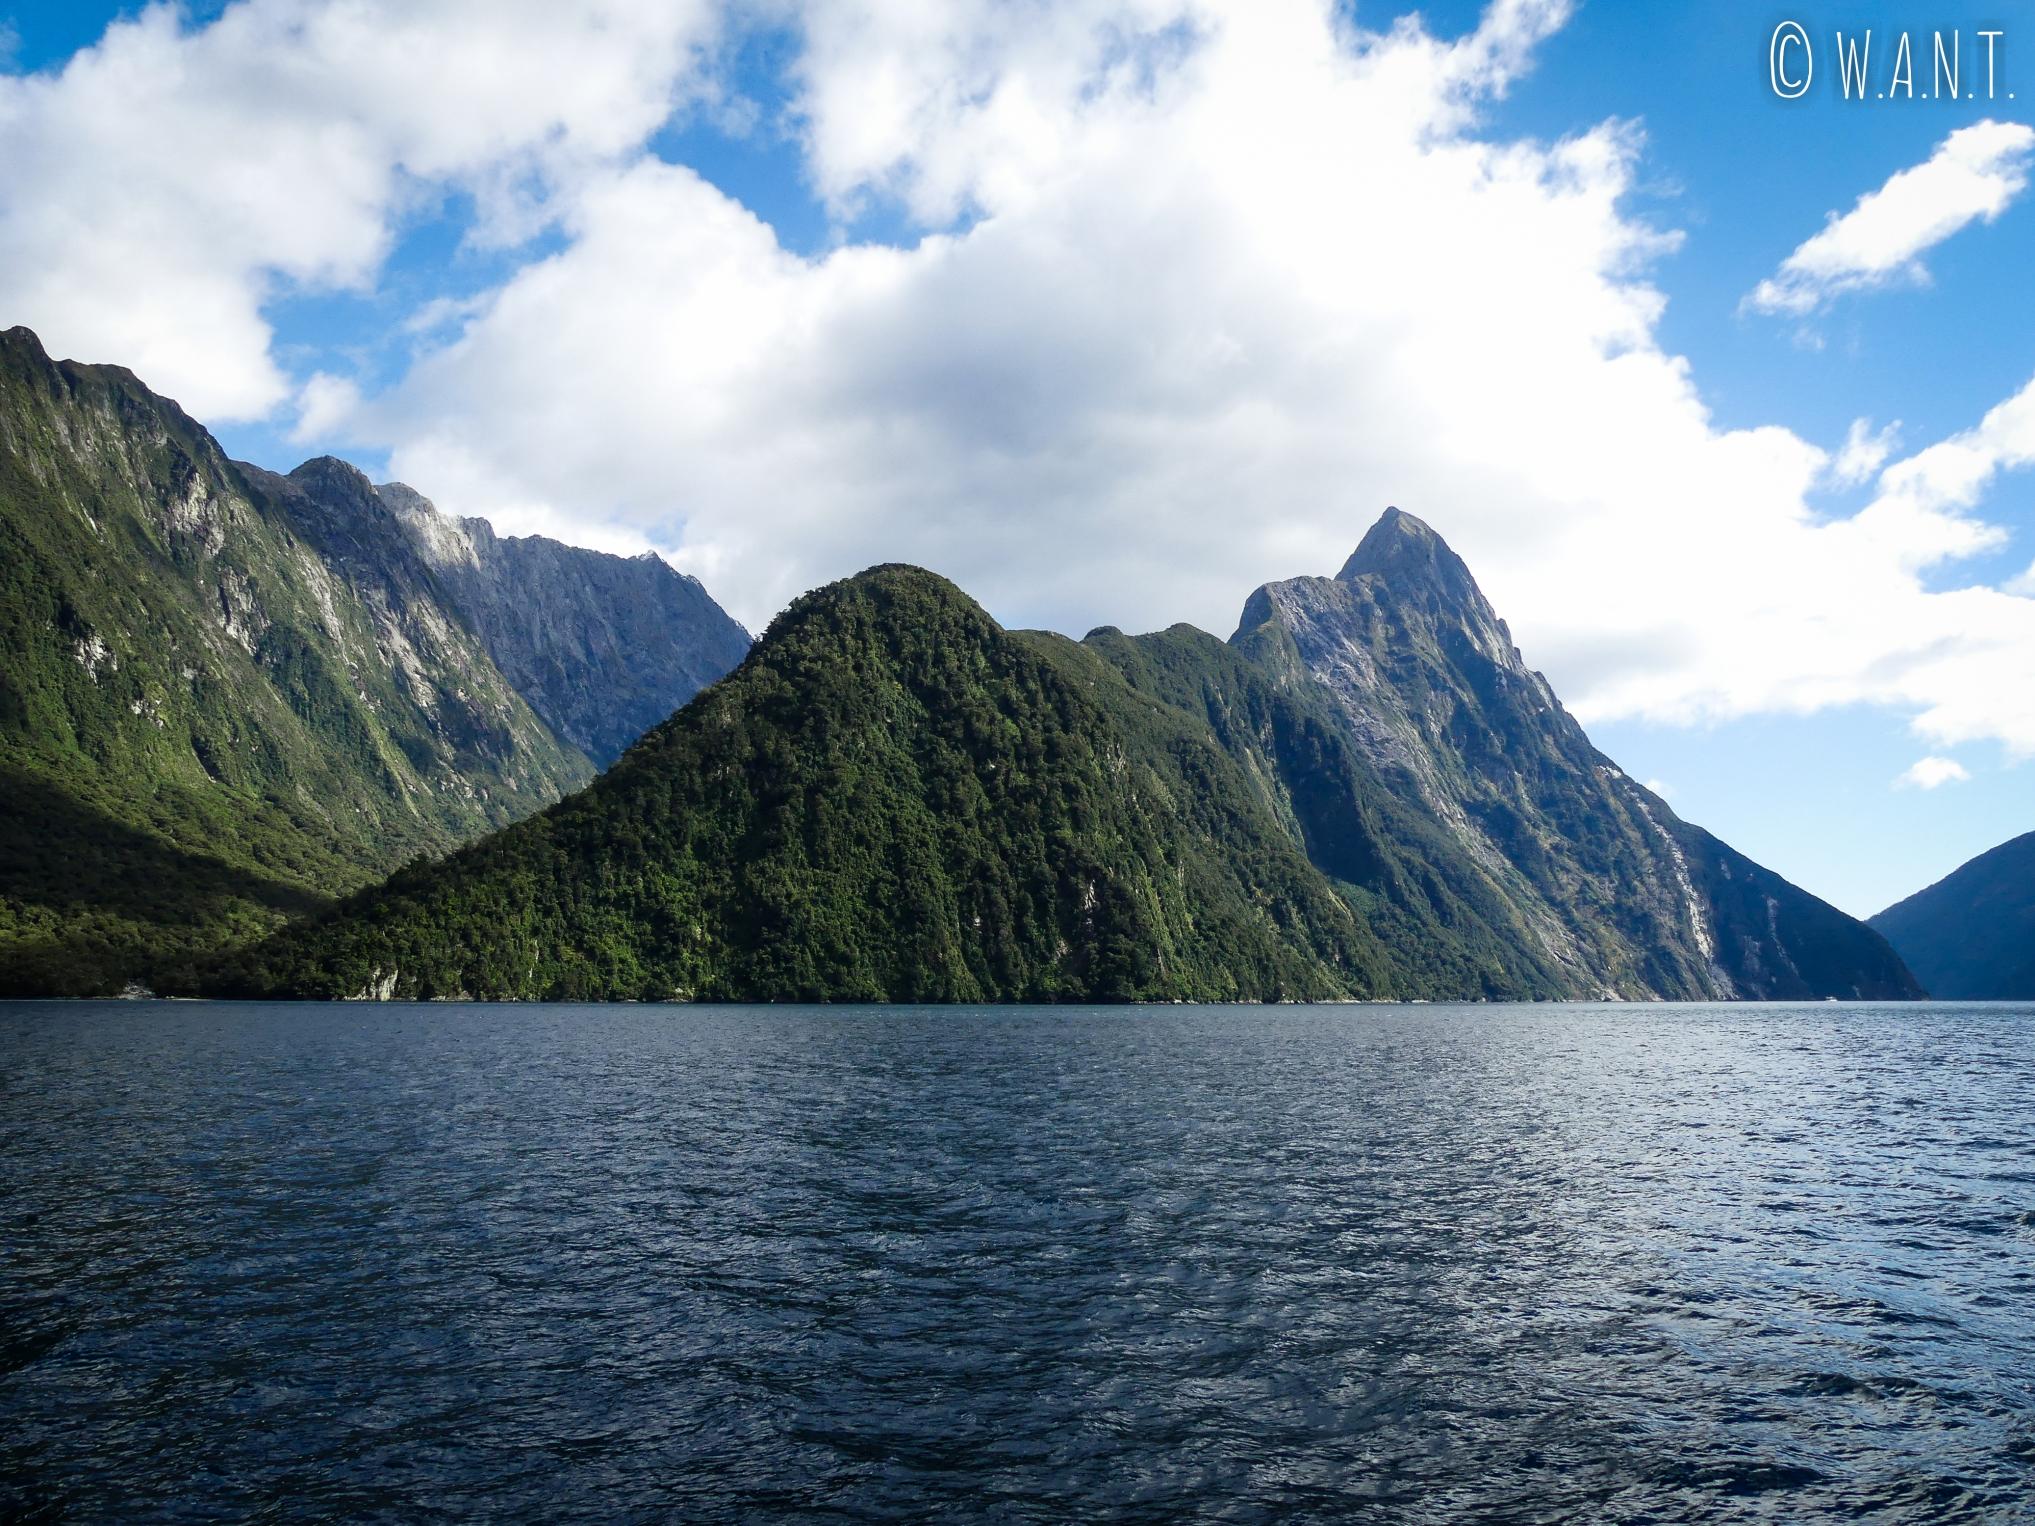 Nous sommes charmés par le paysage du Milford Sound en Nouvelle-Zélande